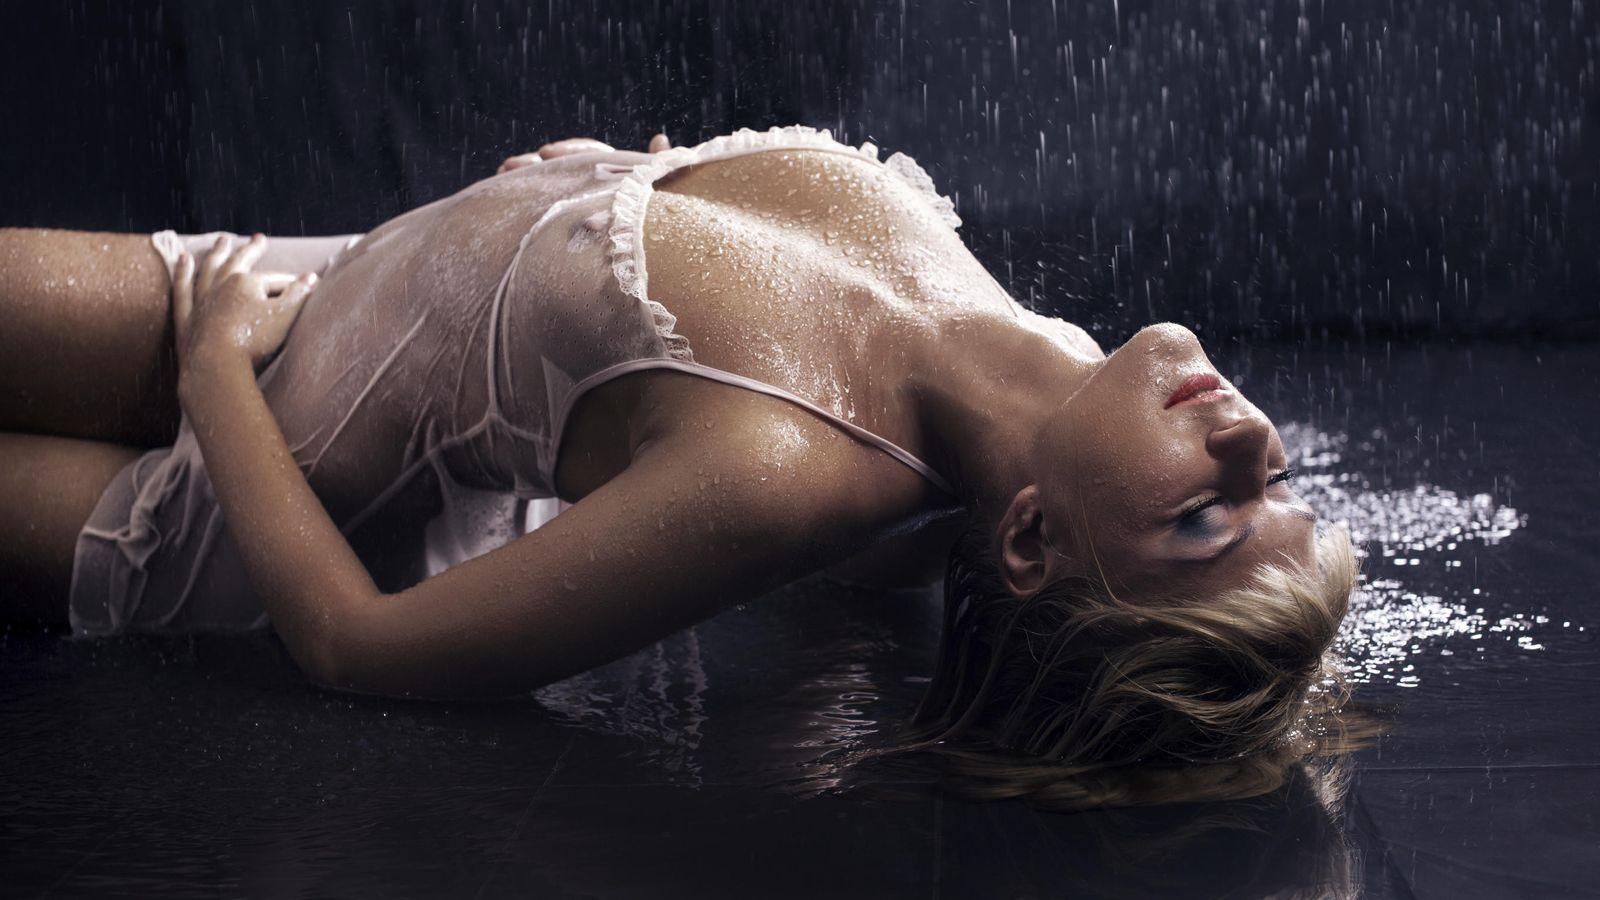 Foto: La eyaculación como arma empoderadora de la mujer. (iStock)